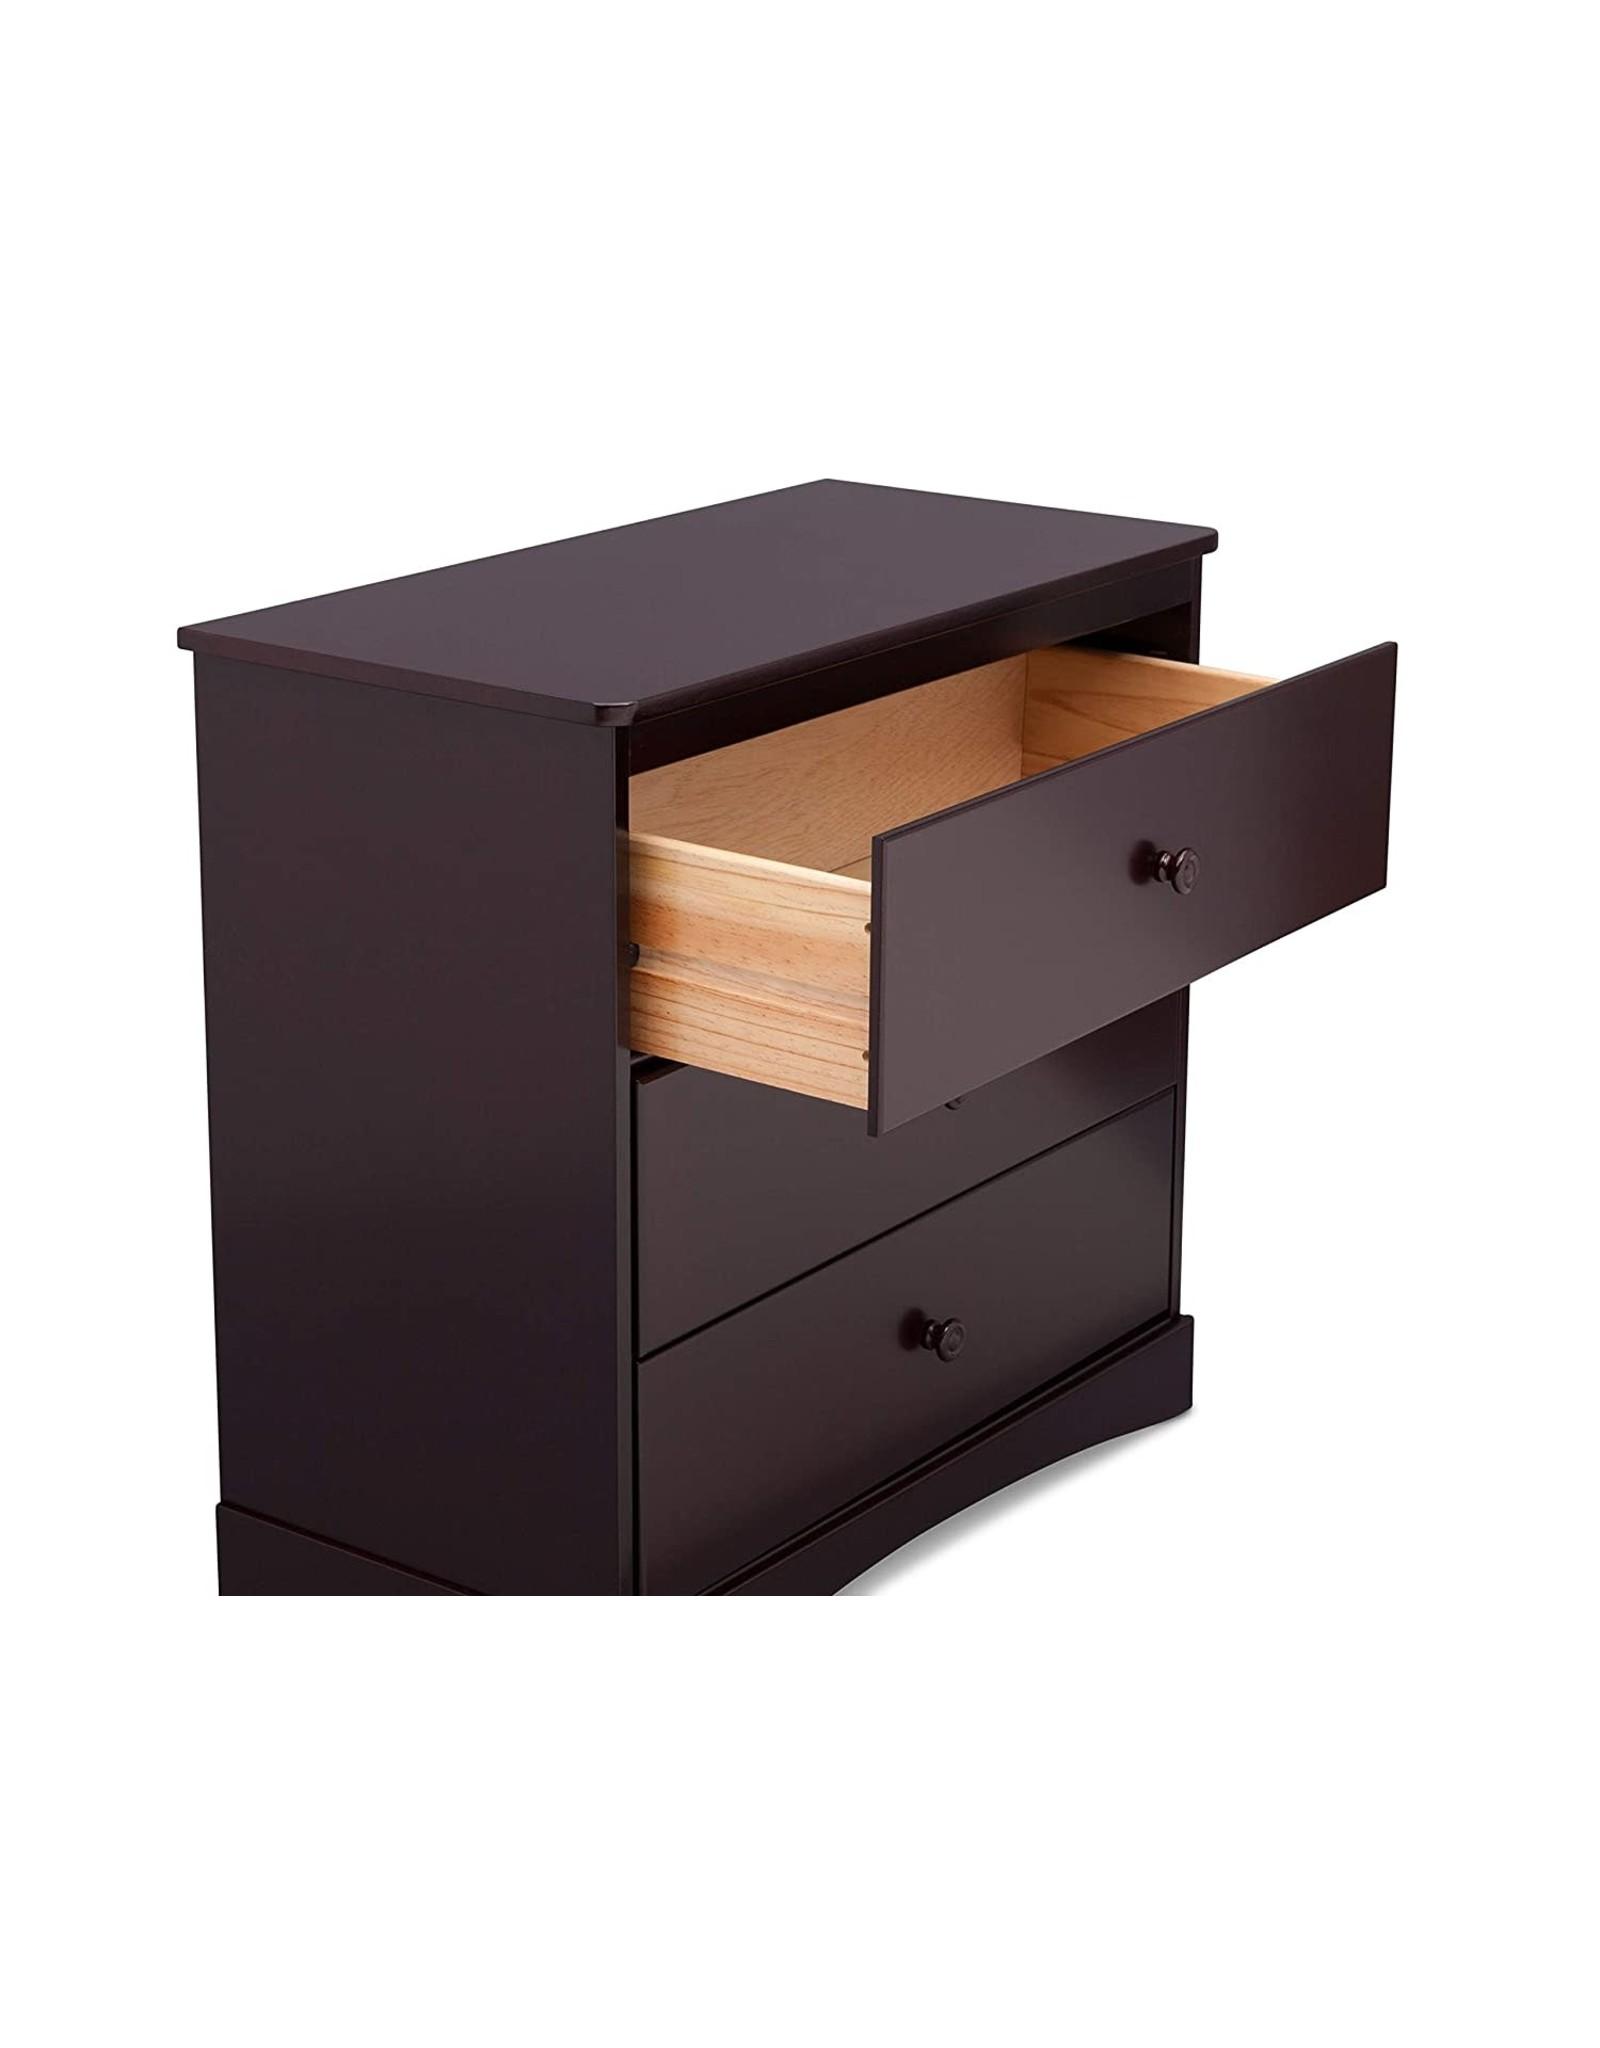 Delta Children Delta Children Sutton 3 Drawer Dresser with Changing Top, Espresso Java